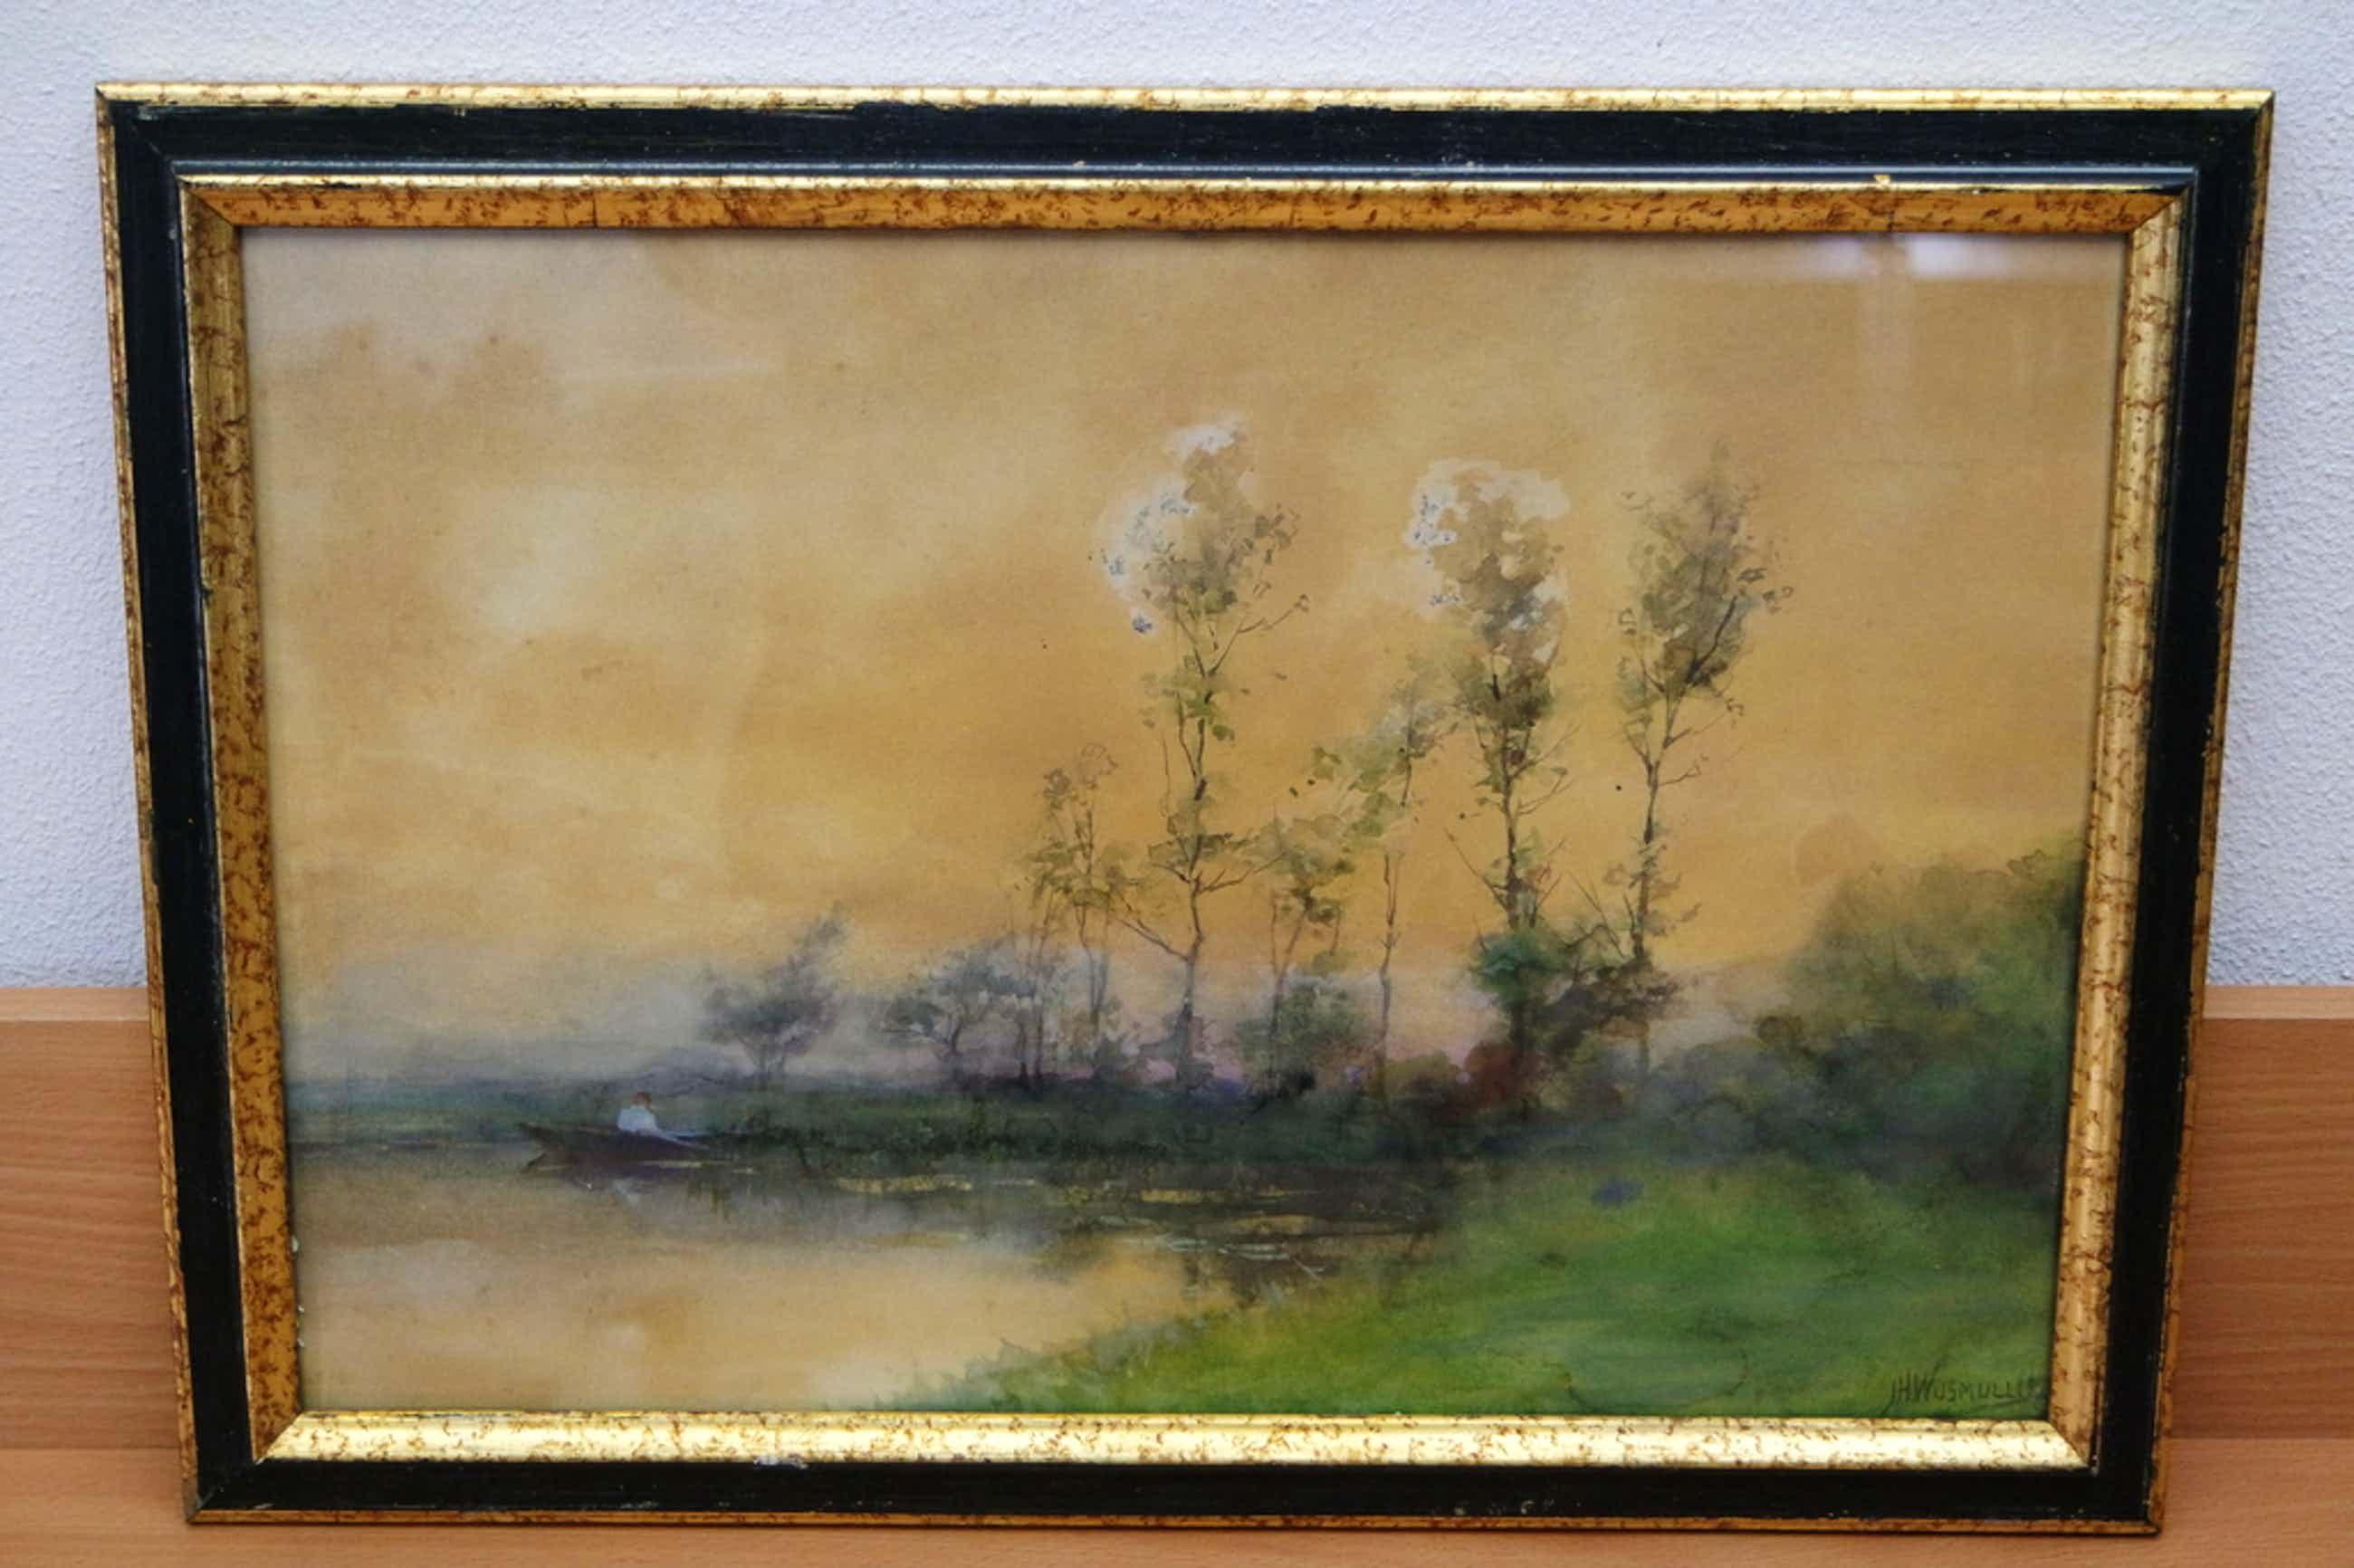 Jan Hillebrand Wijsmuller (1855-1925) - aquarel - waterrijk landschap kopen? Bied vanaf 170!